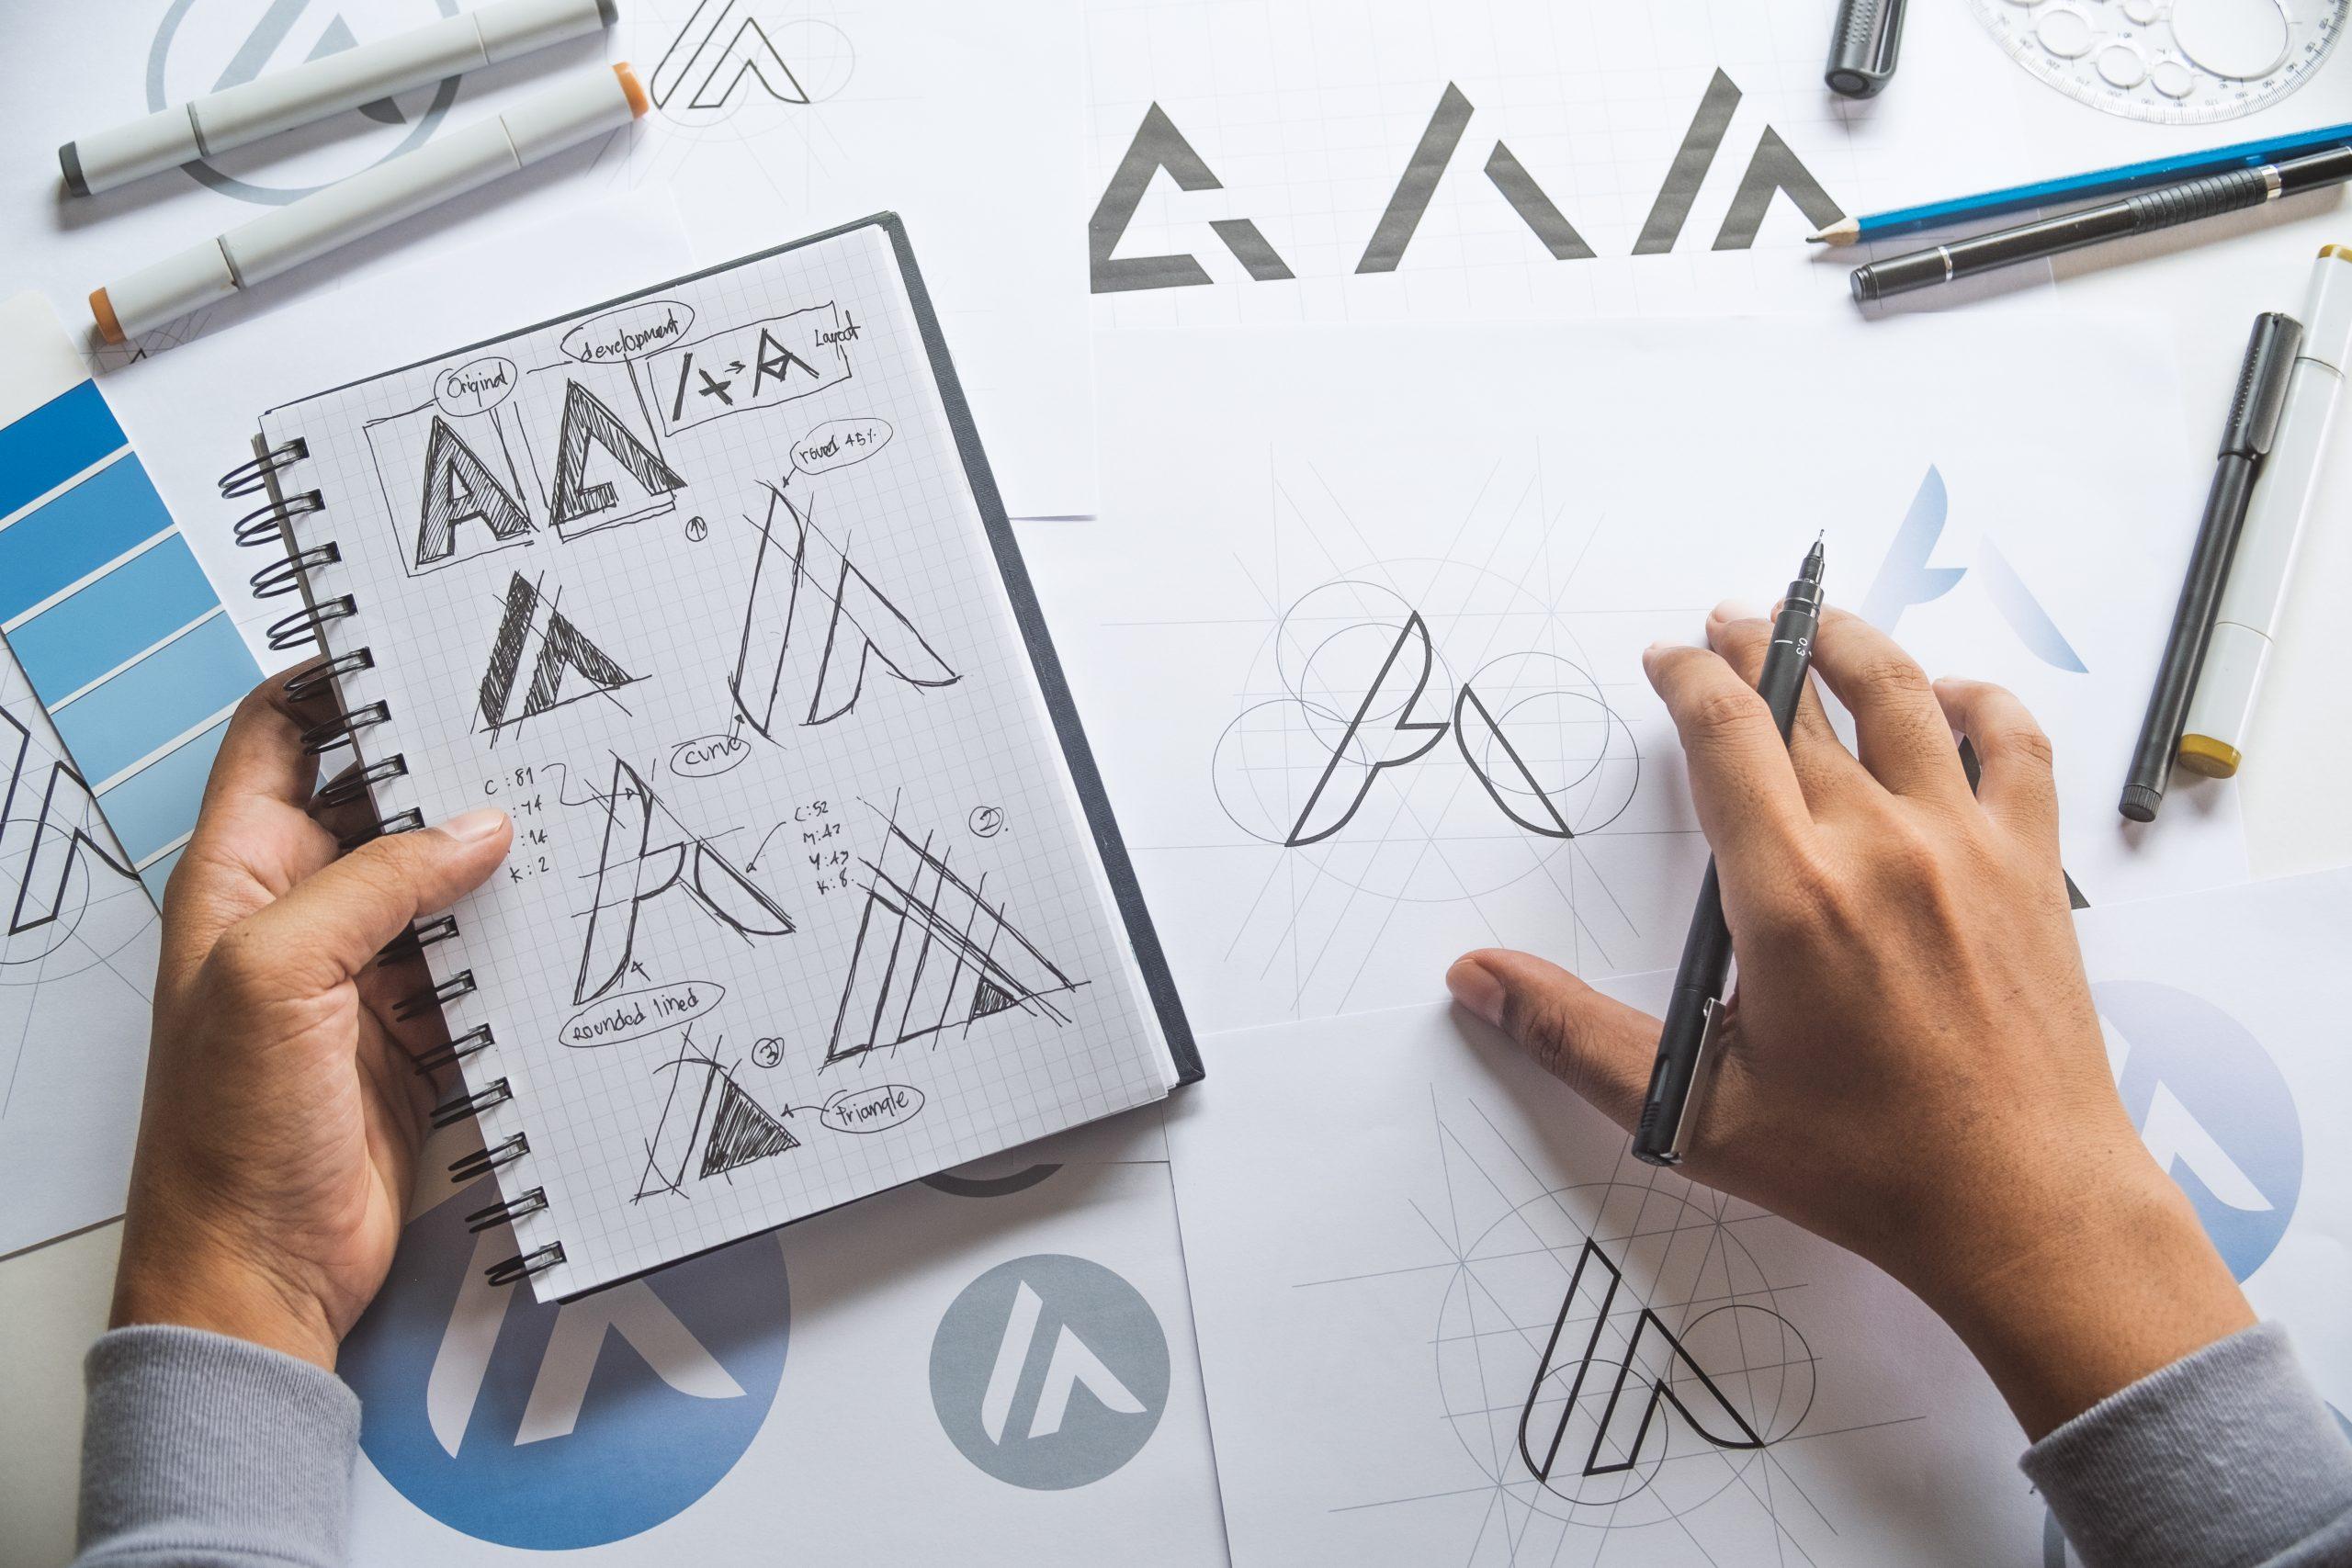 Cursos de Design se destacam em qualidade e estrutura